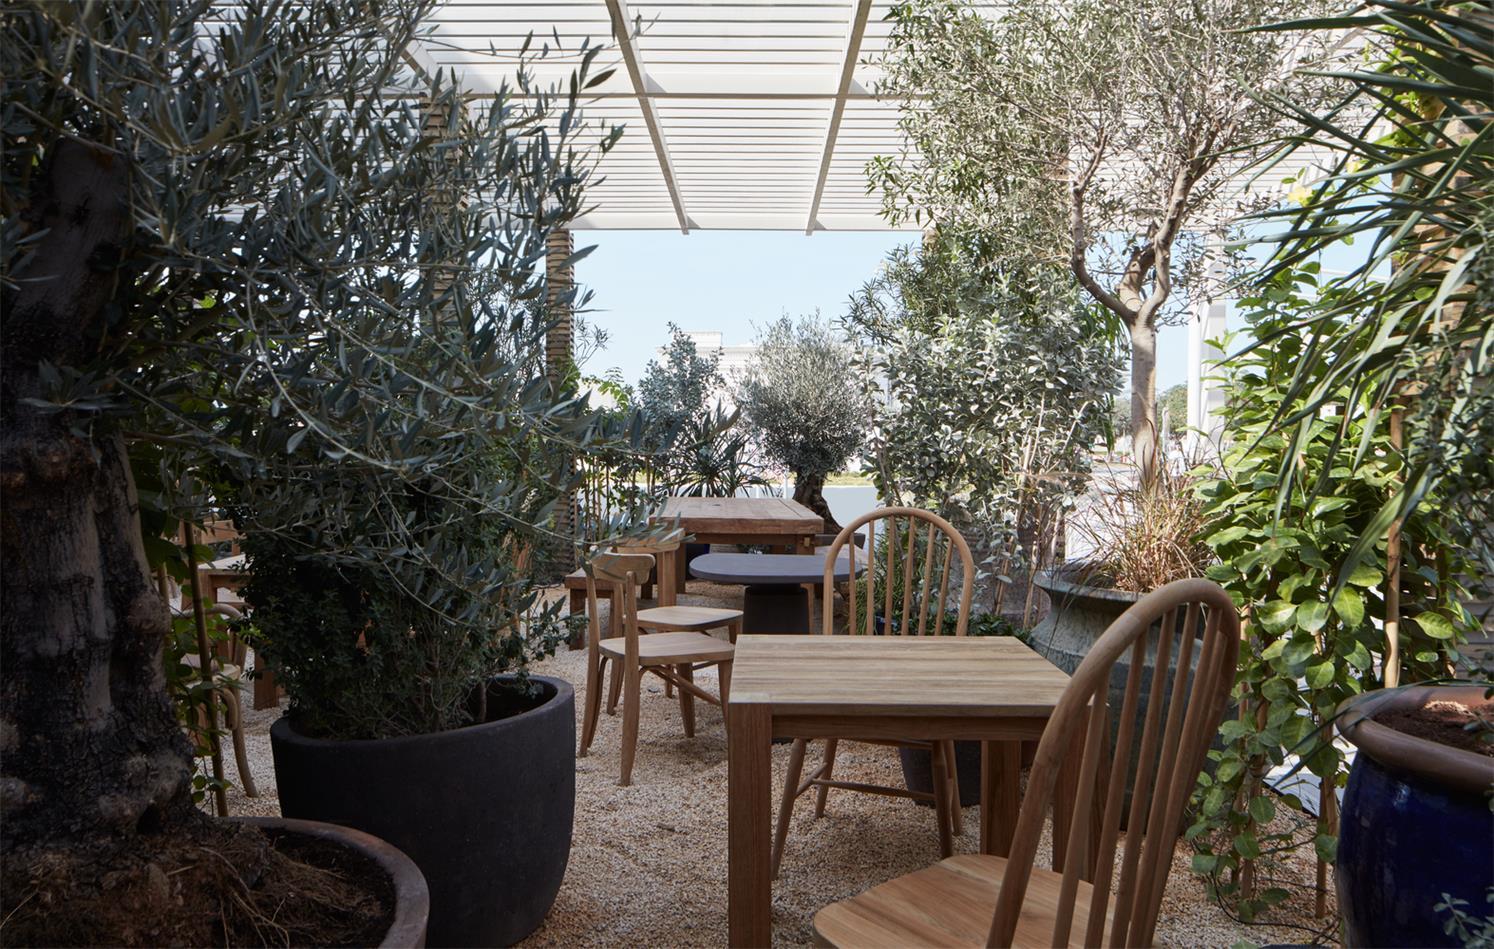 咖啡馆户外用餐区设计